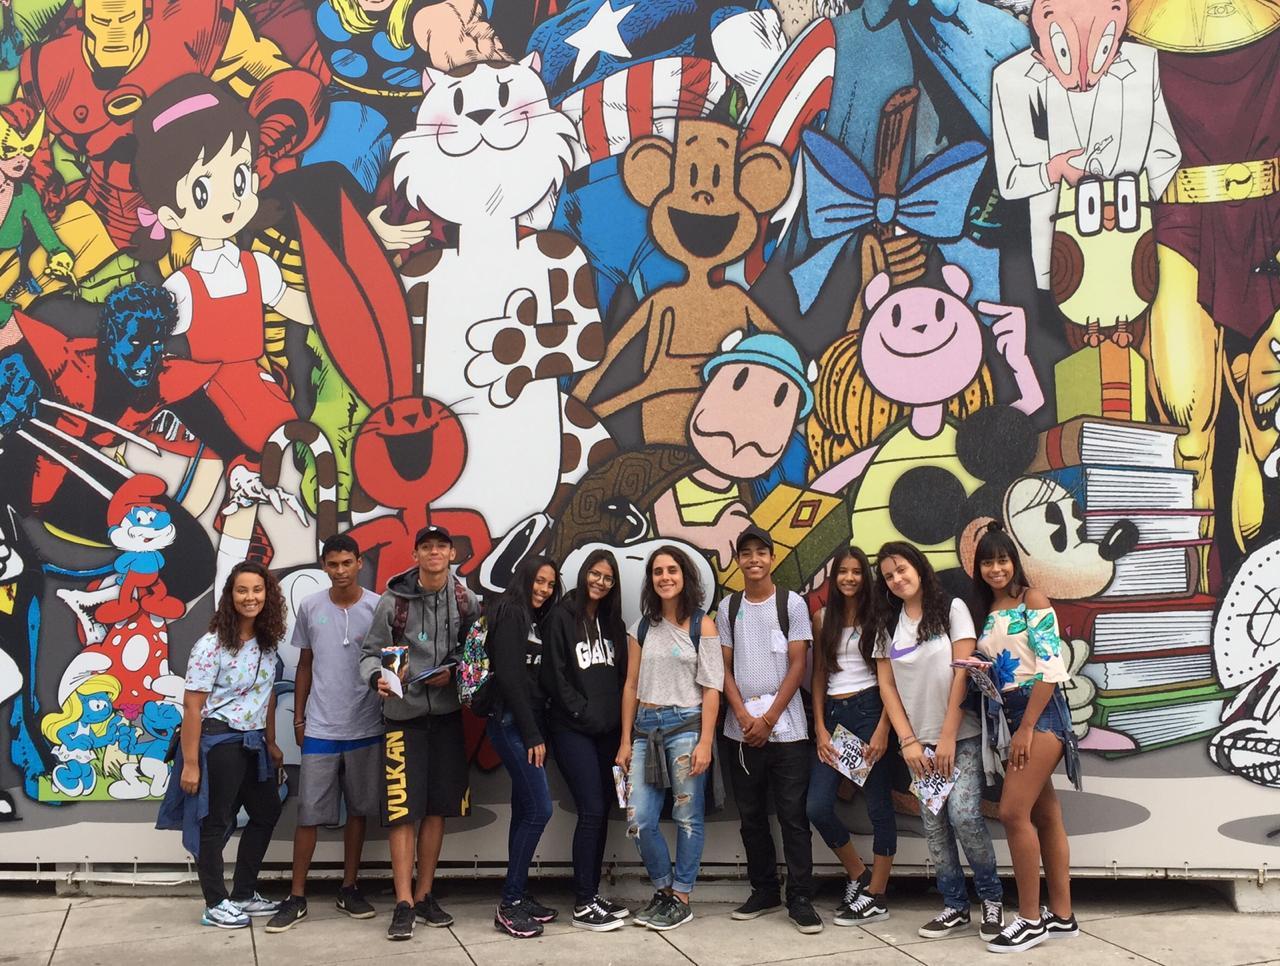 Jovens ilhéus participam de jornada cultural em São Paulo